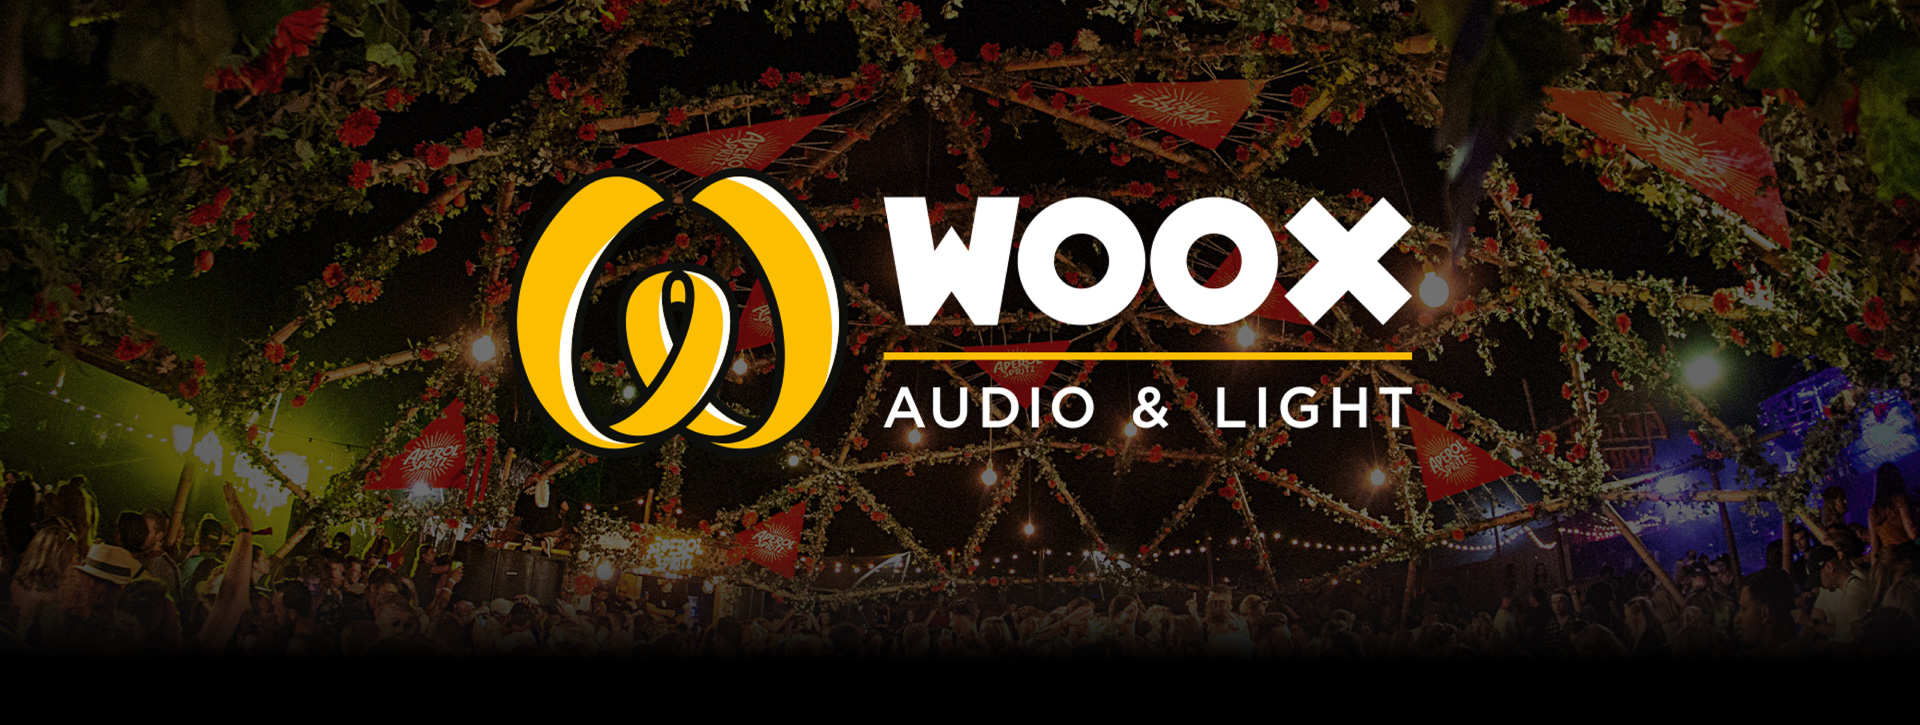 woox audio & light